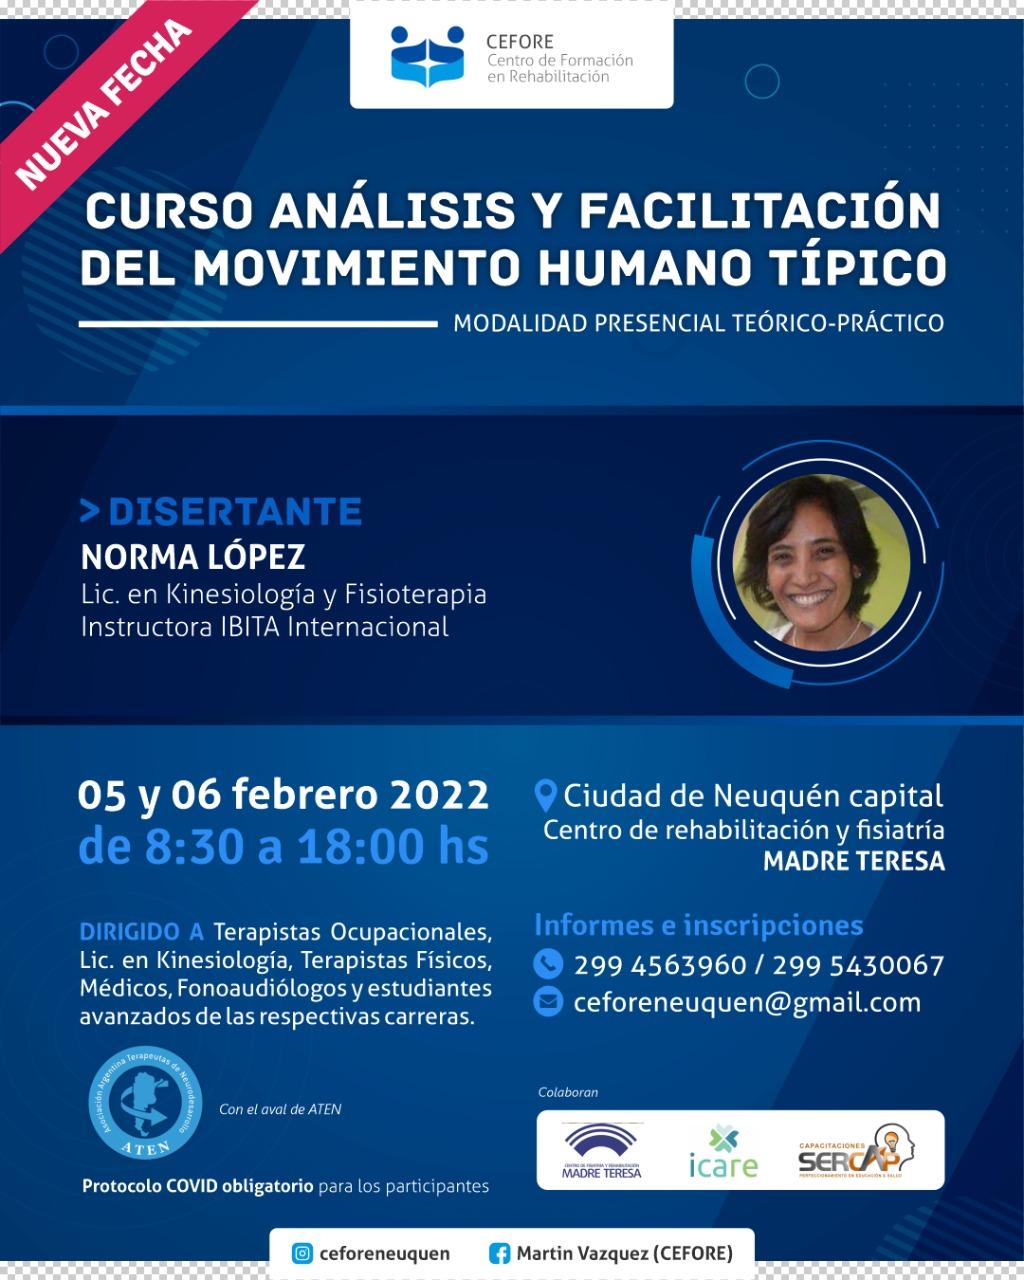 Flyer Análisis y Facilitación Cefore